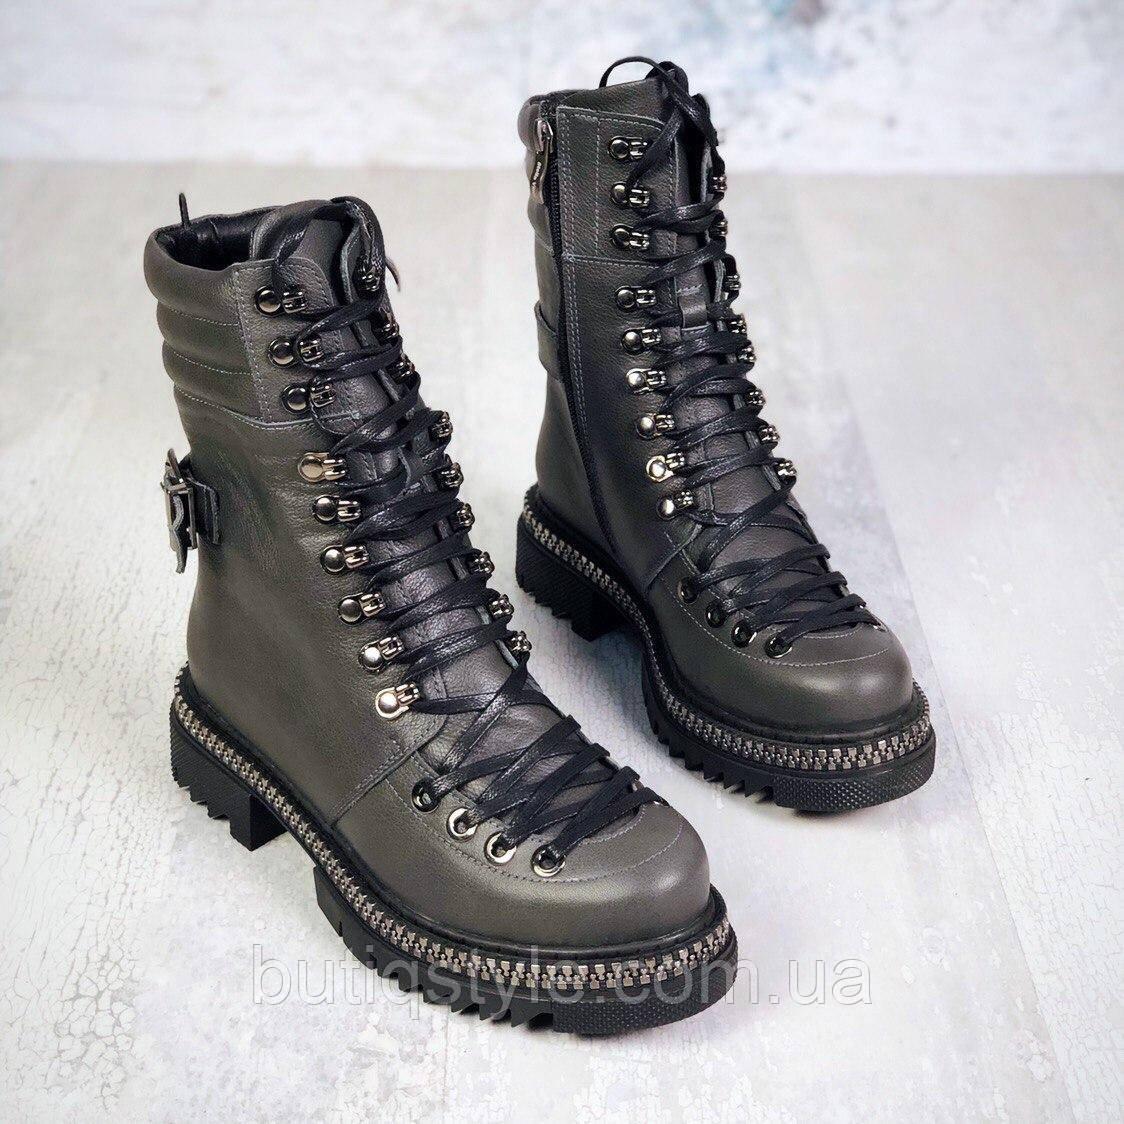 37 размер Зимние серые ботинки на шнуровке натуральная кожа Зима